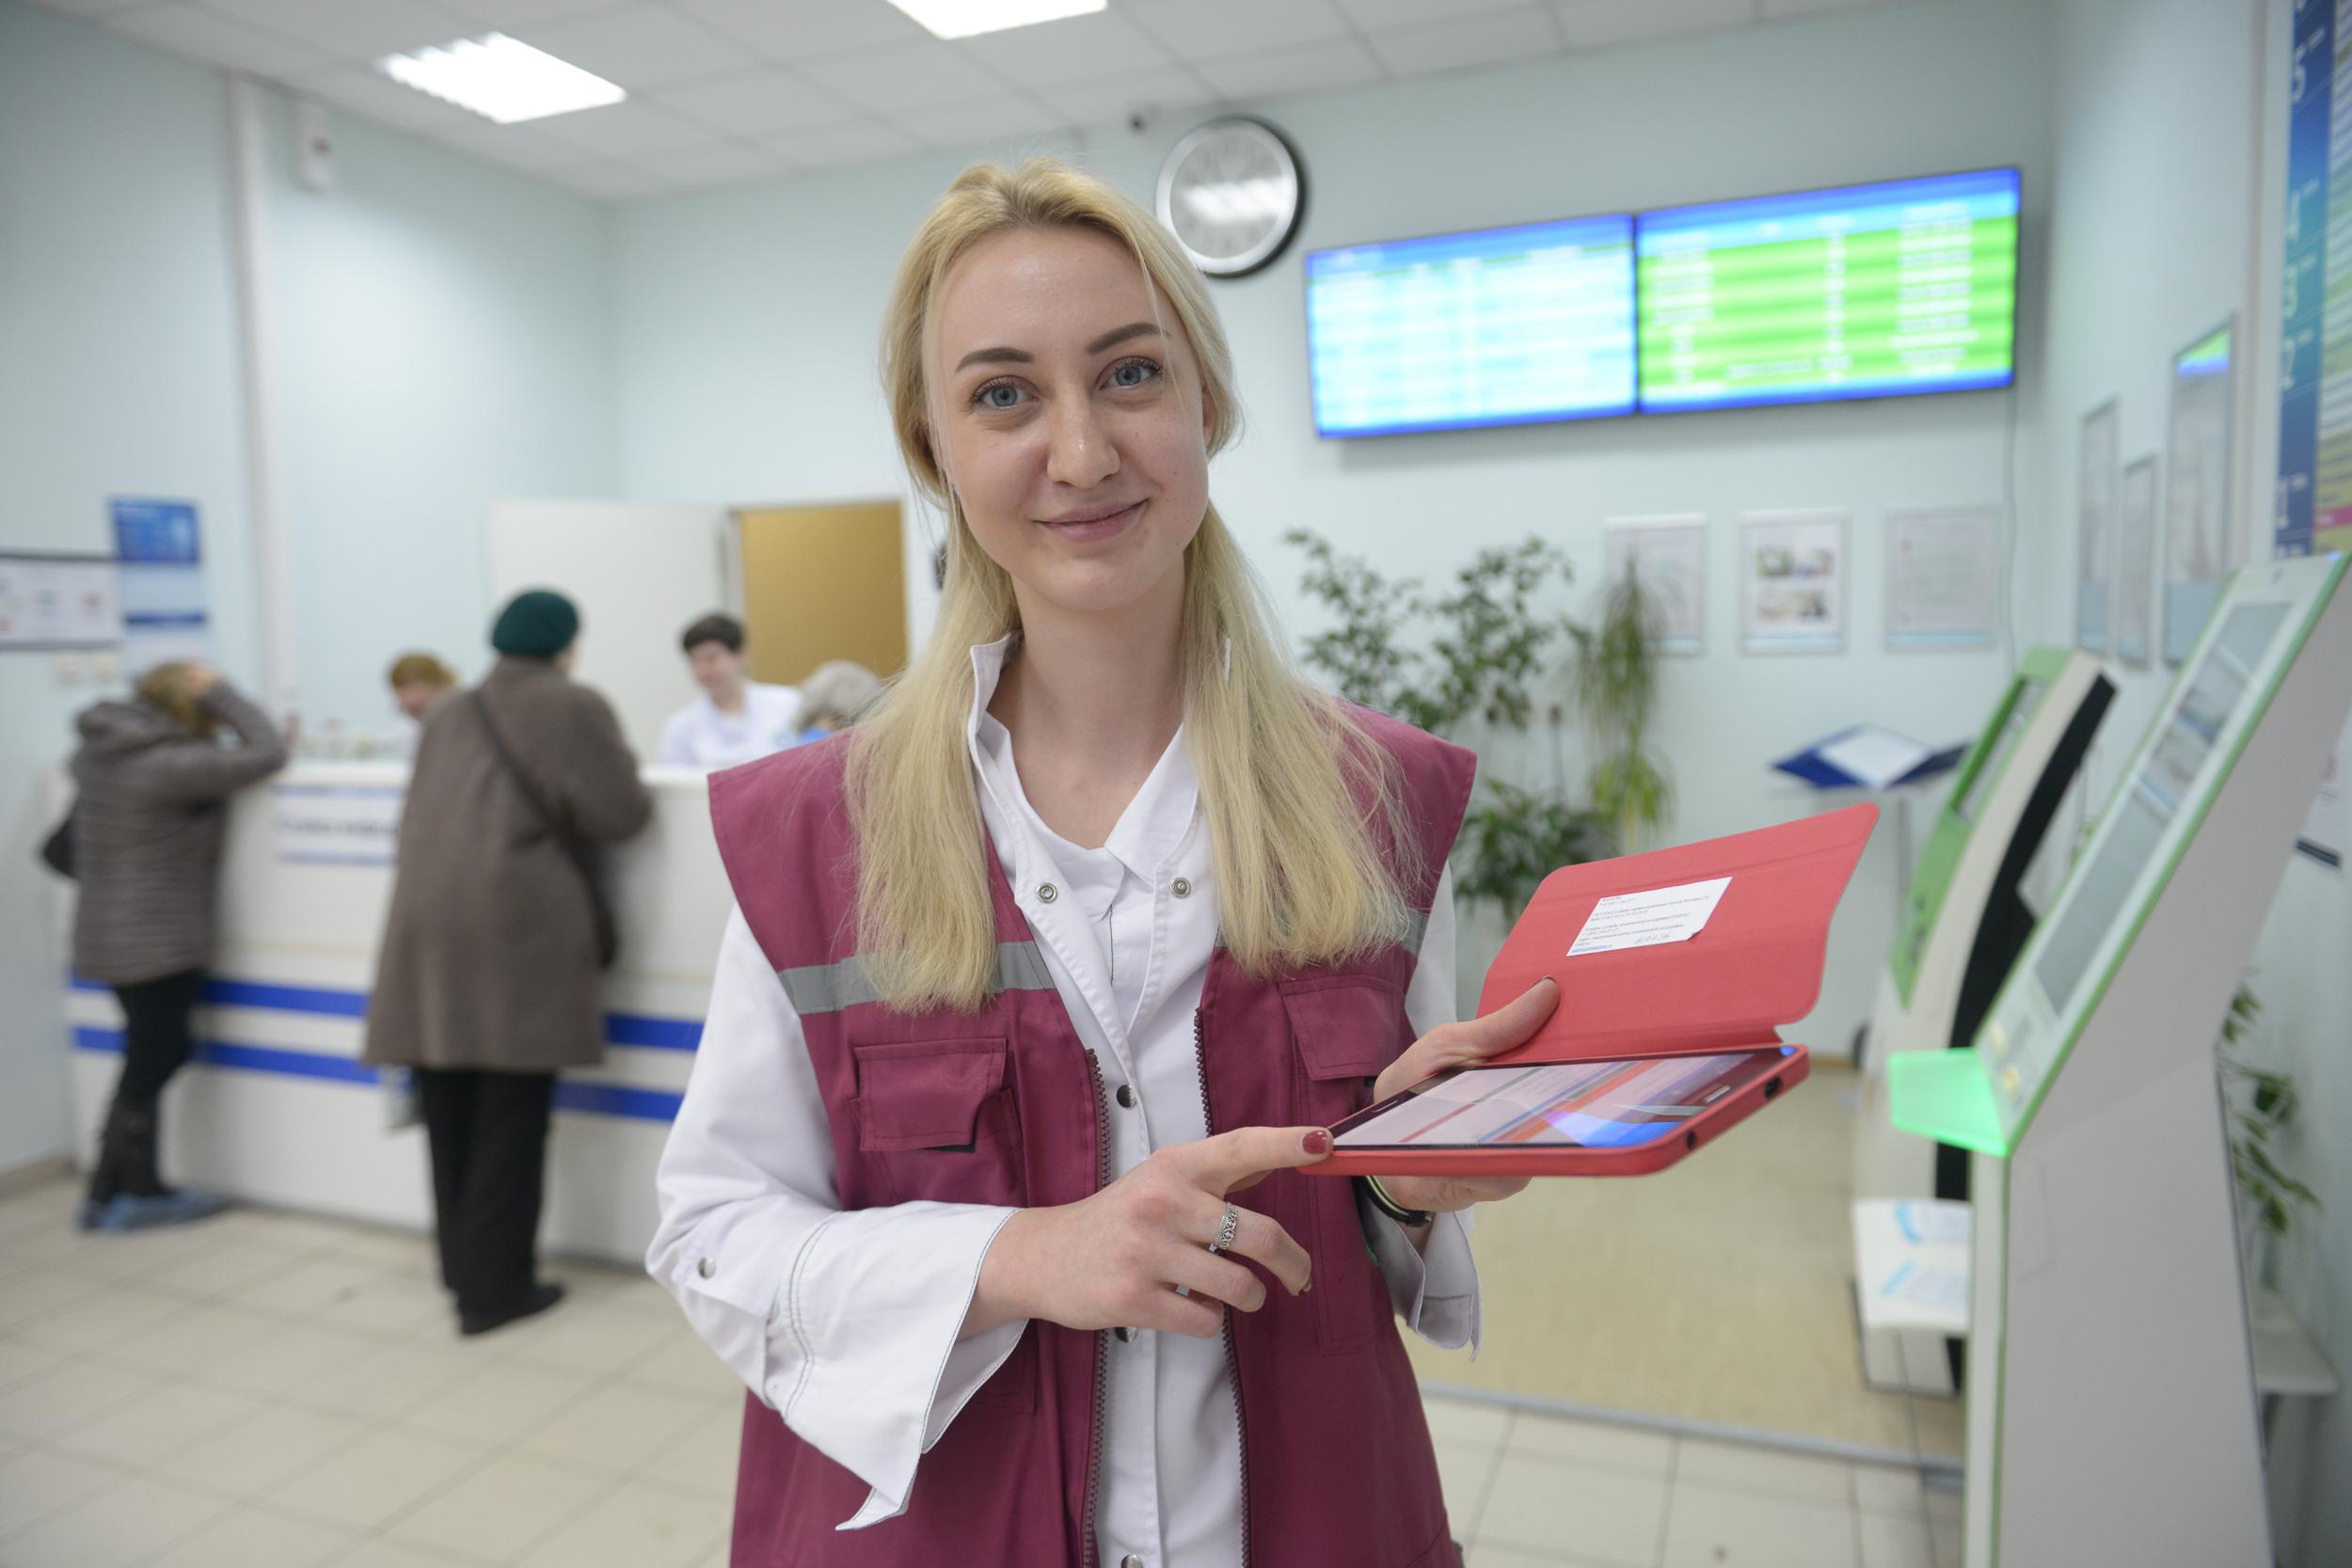 Электронная медкарта москвичей получила два новых раздела